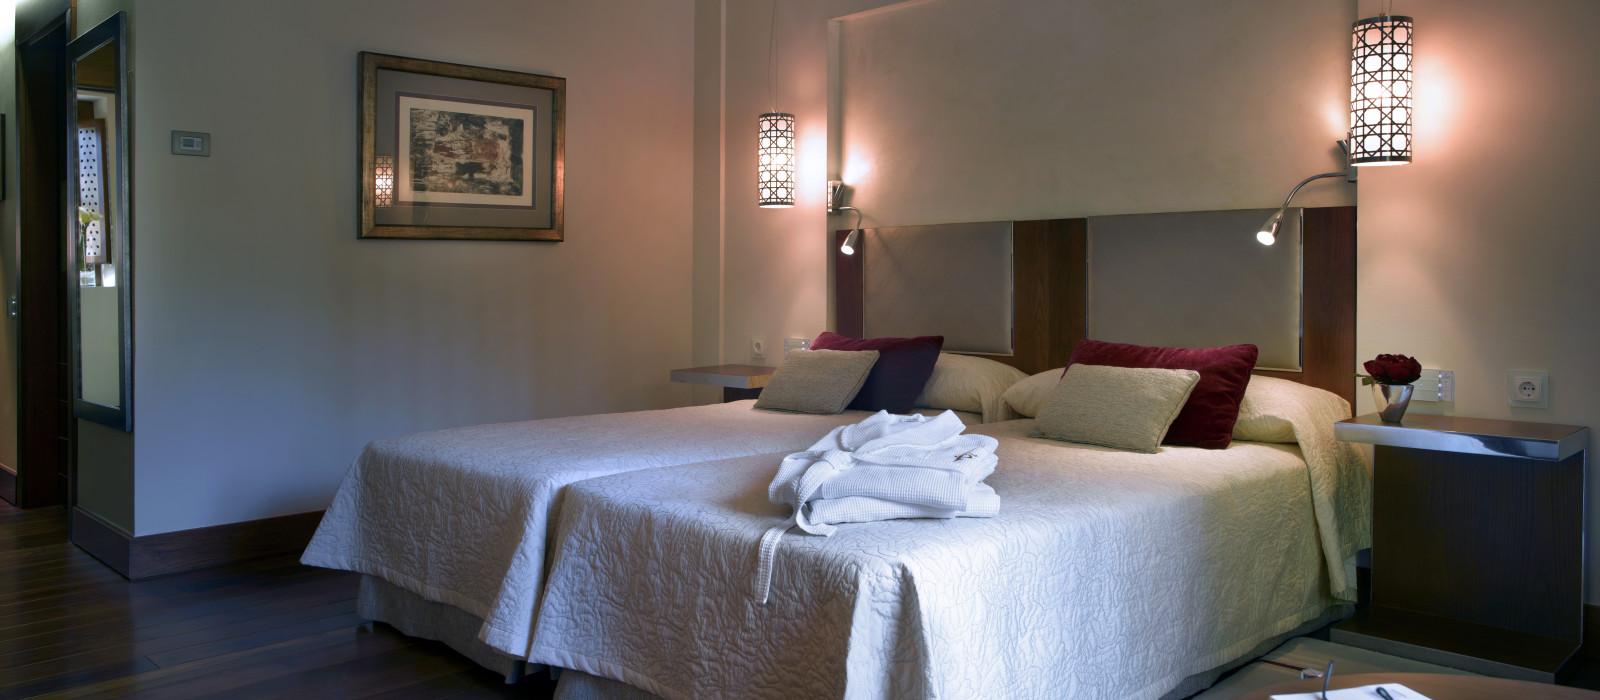 Hotel Parador de Granada: Convent of San Francisco Spain